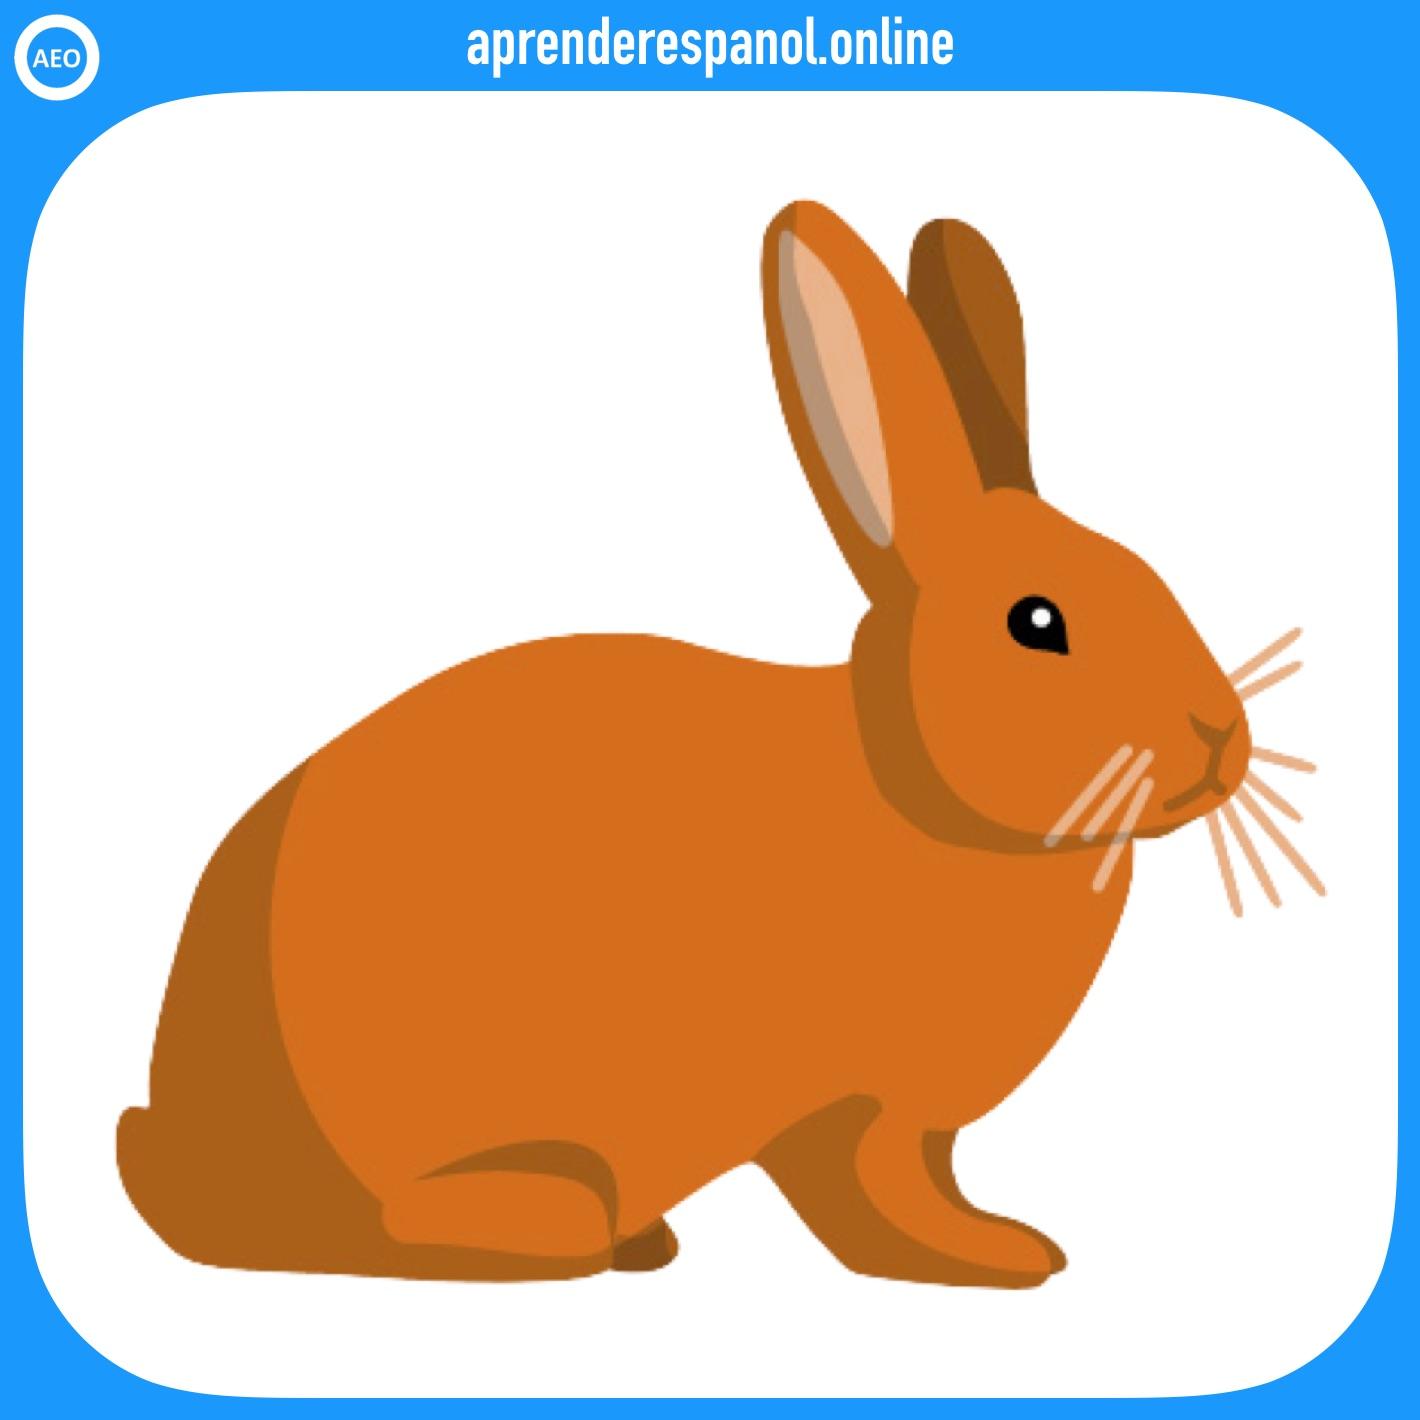 conejo | animales en español | vocabulario de los animales en español